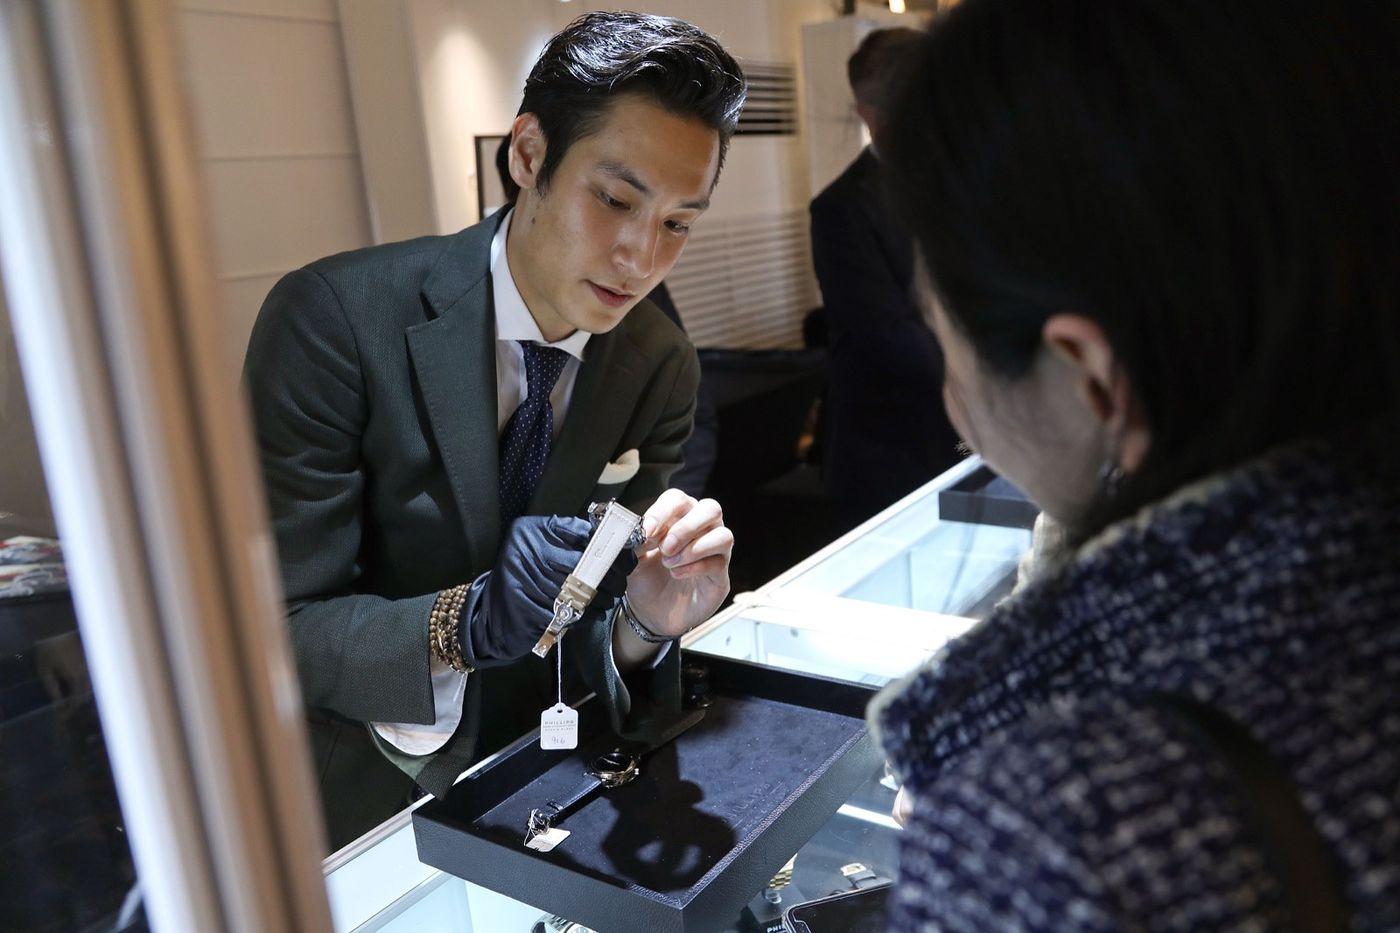 眾所周知,在世界各地有拍賣舉行的地方中,其為當代和古董時計拍賣重鎮者,就只有三處地方:日內瓦、紐約和香港。